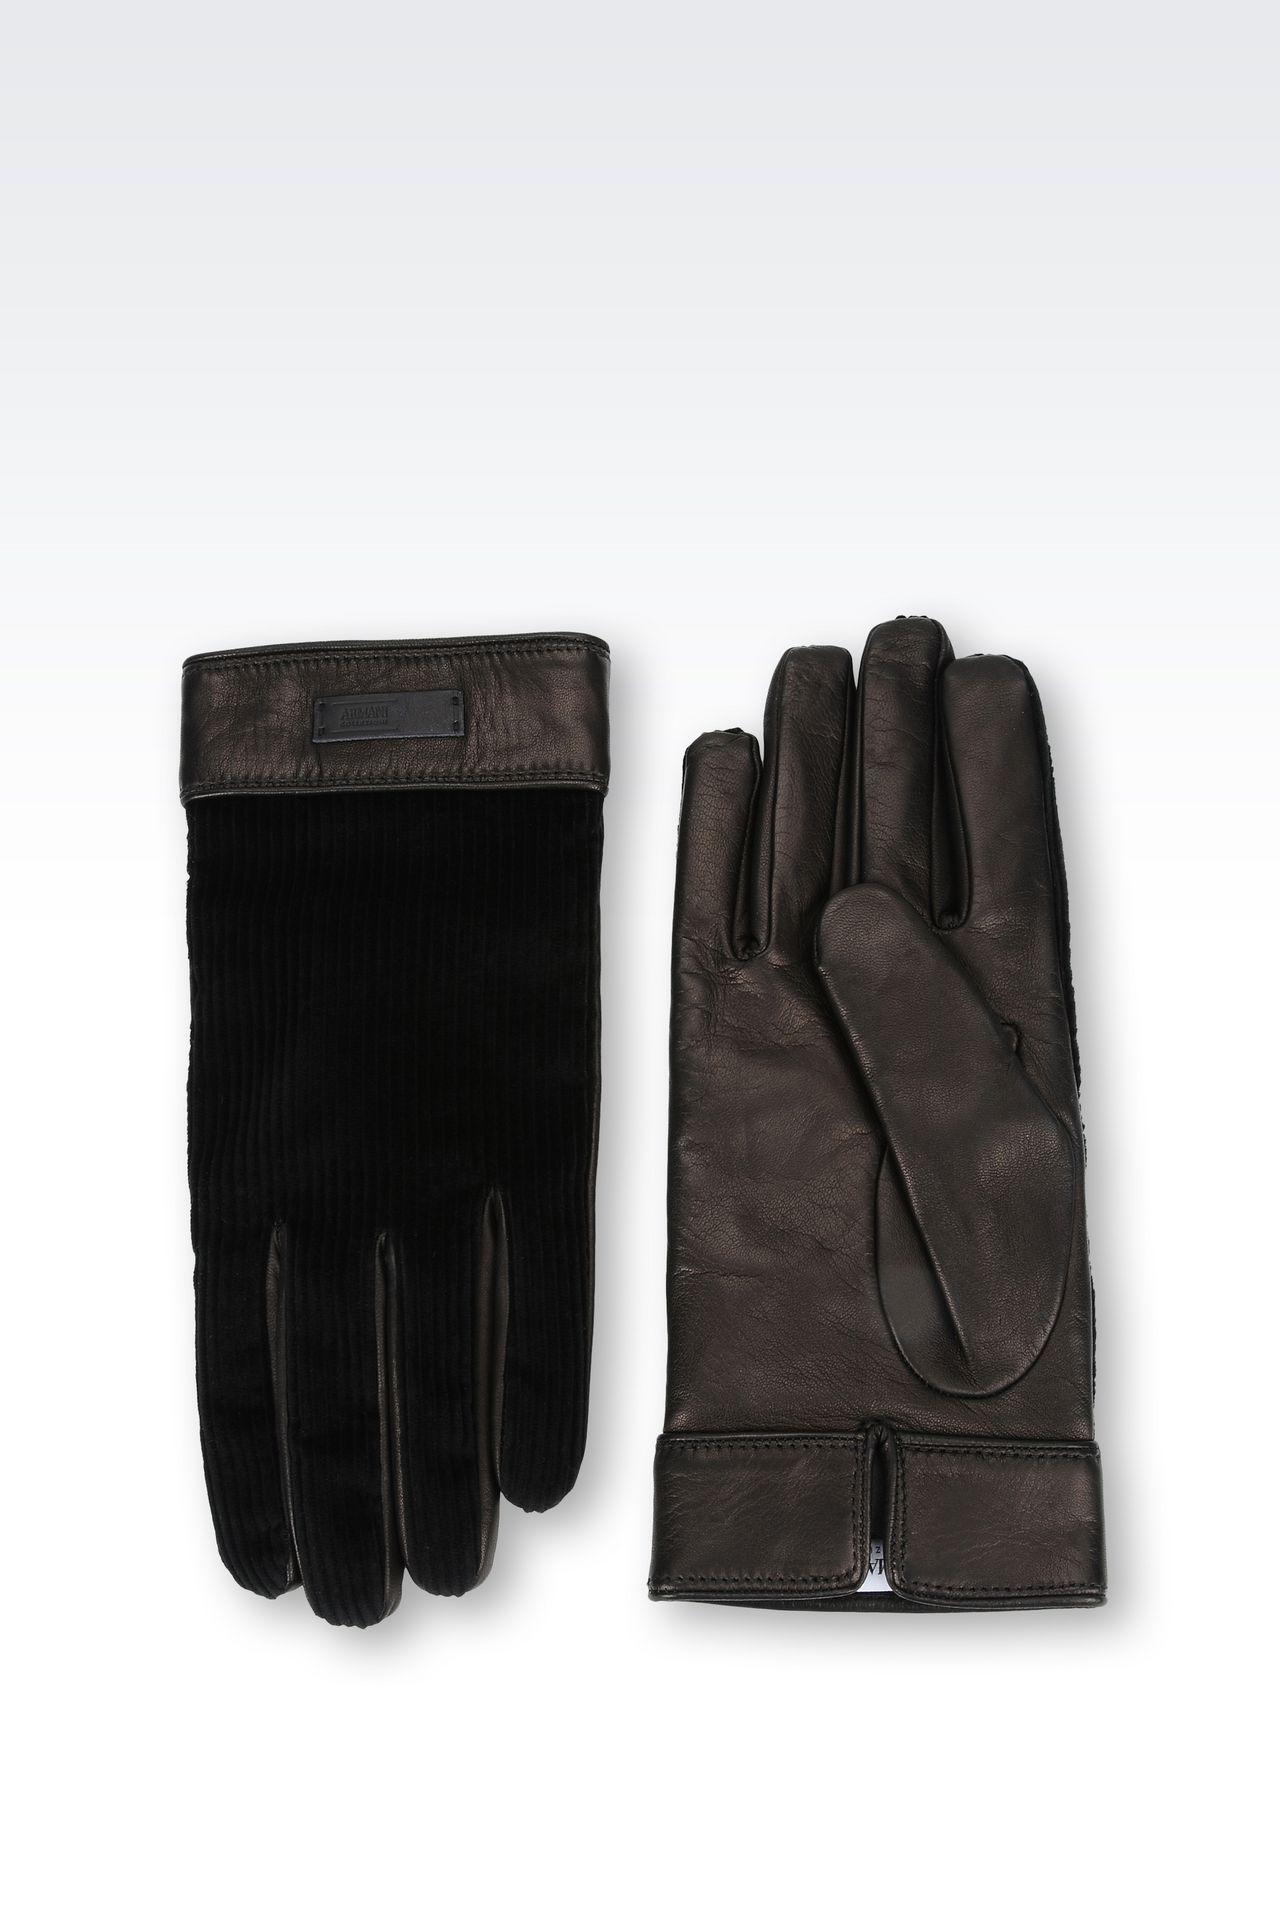 Mens velvet gloves - Gloves In Napa Leather And Velvet Gloves Men By Armani 0